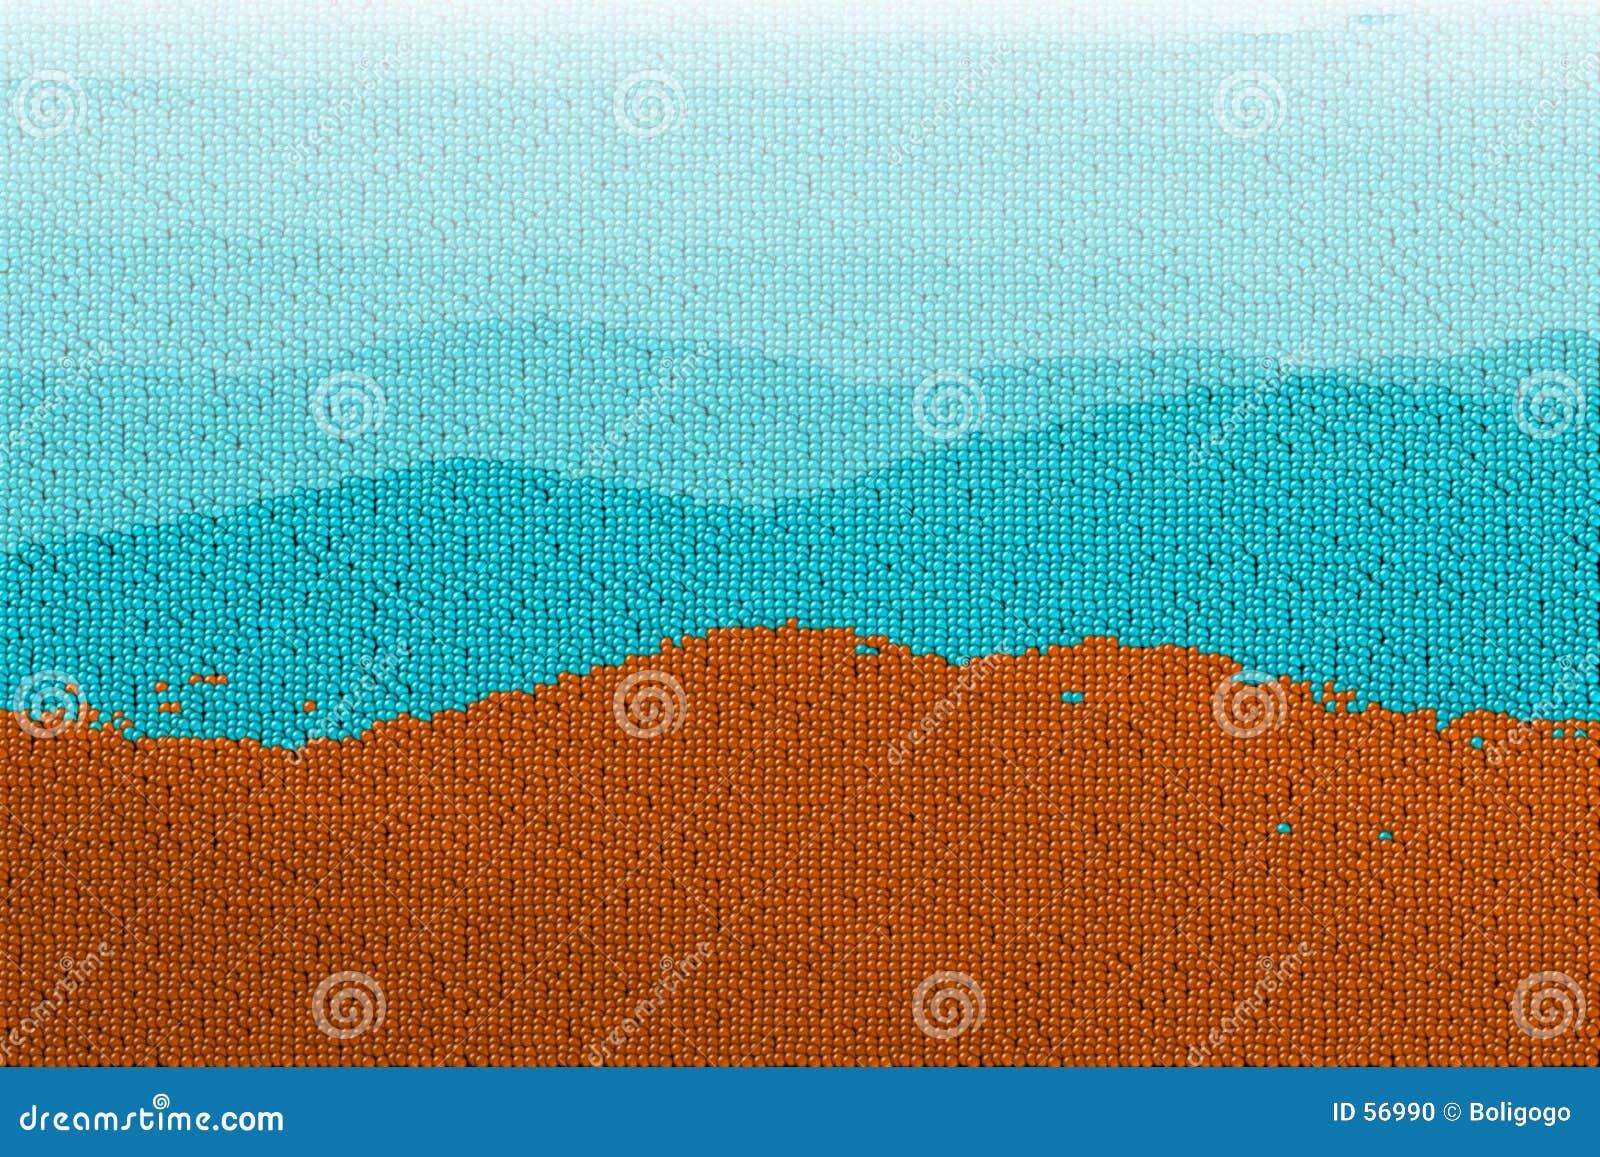 Gum ball Mountains